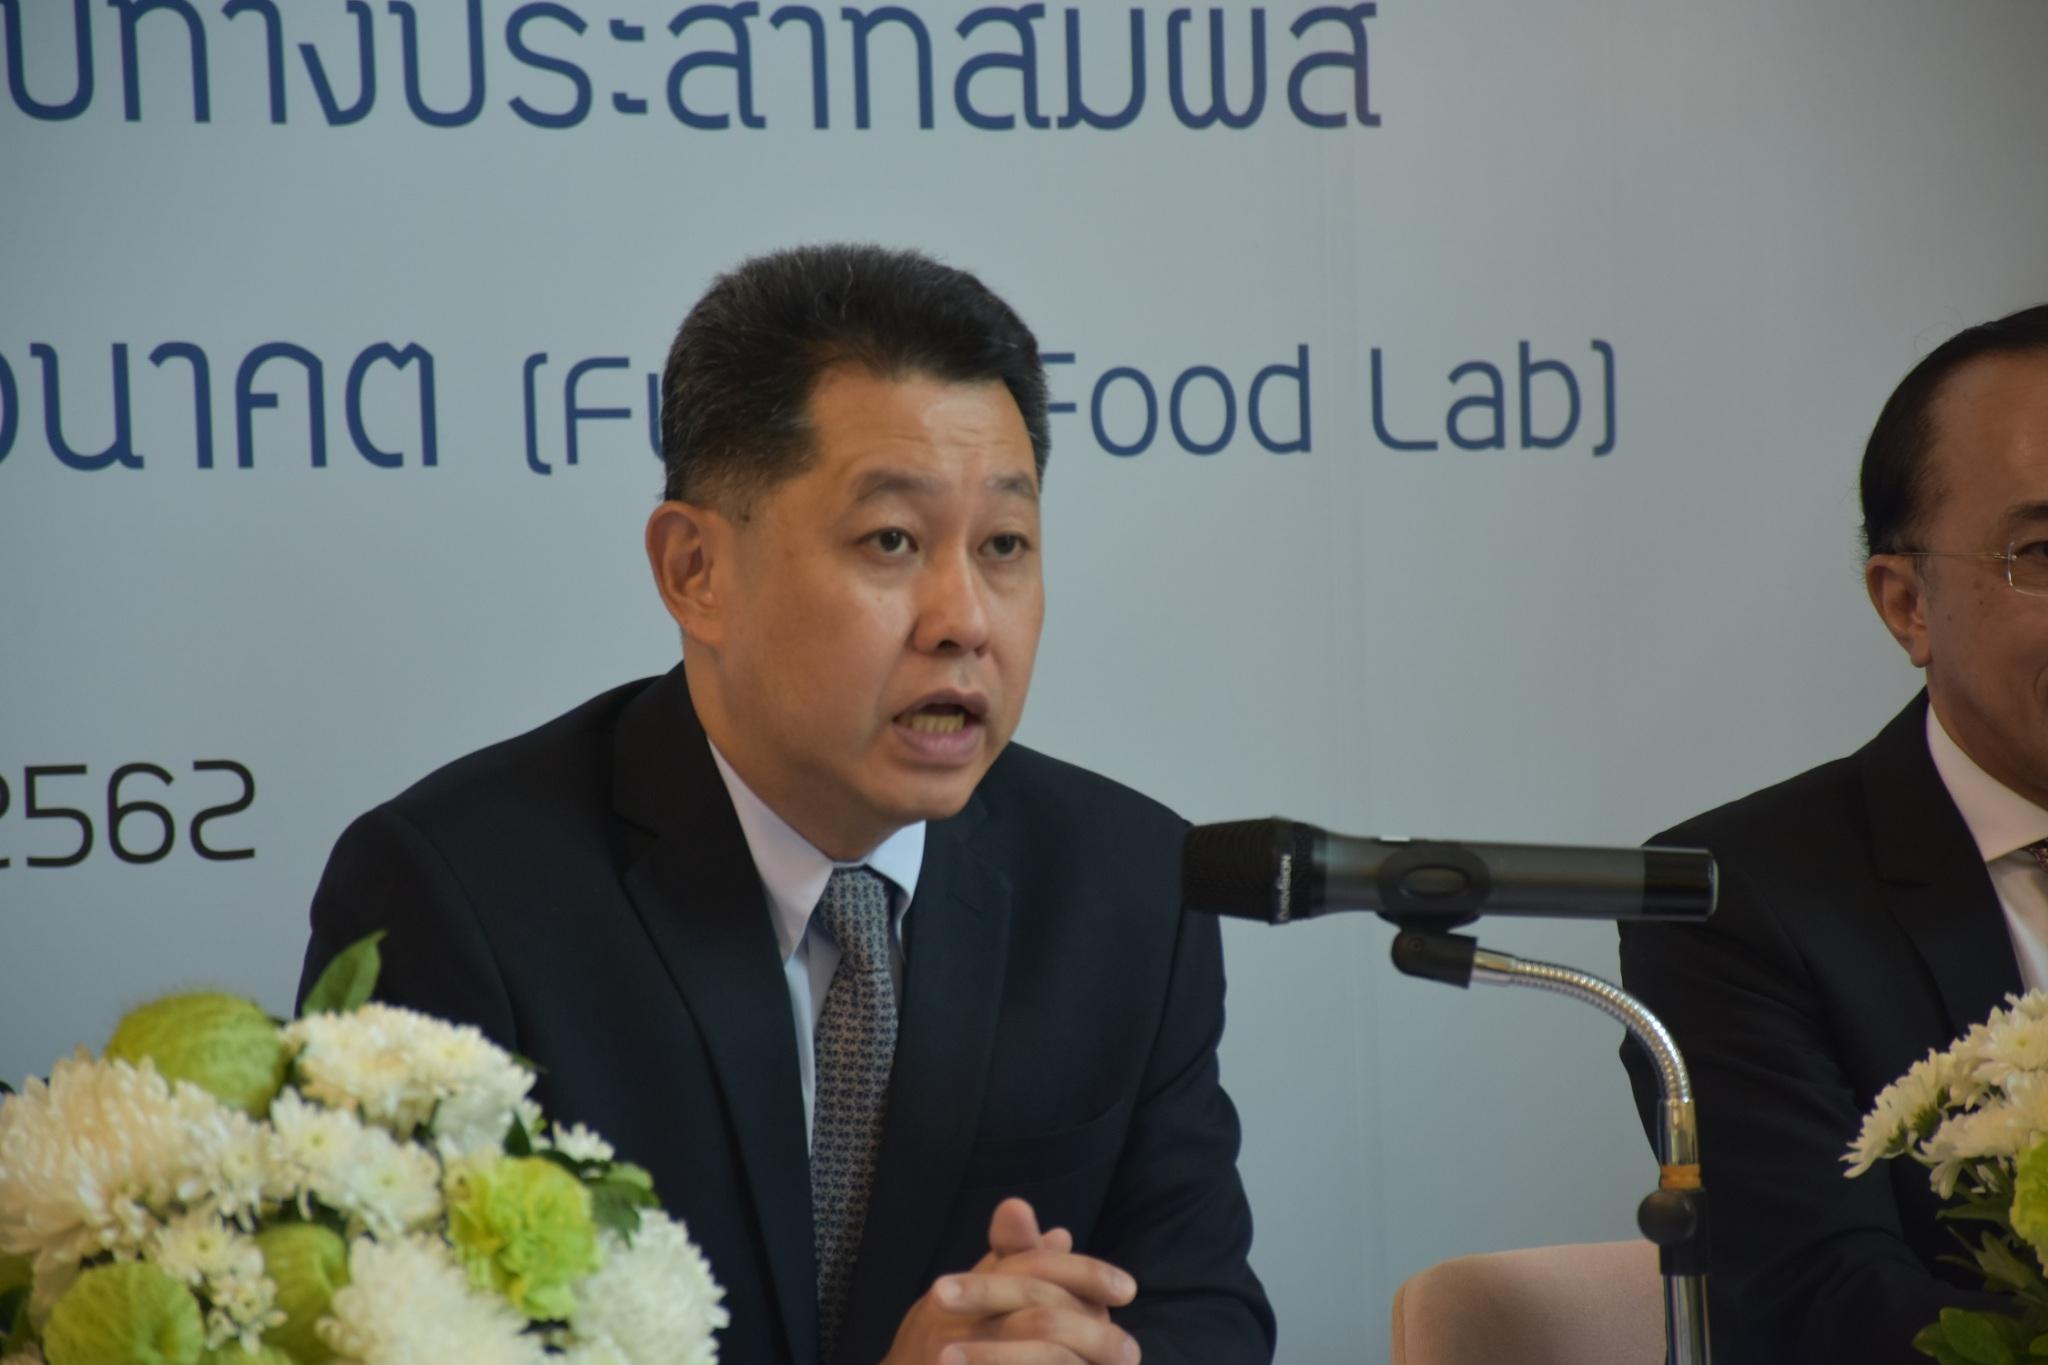 ดร.ณรงค์ ศิริเลิศวรกุล ฟู้ดอินโนโพลิส